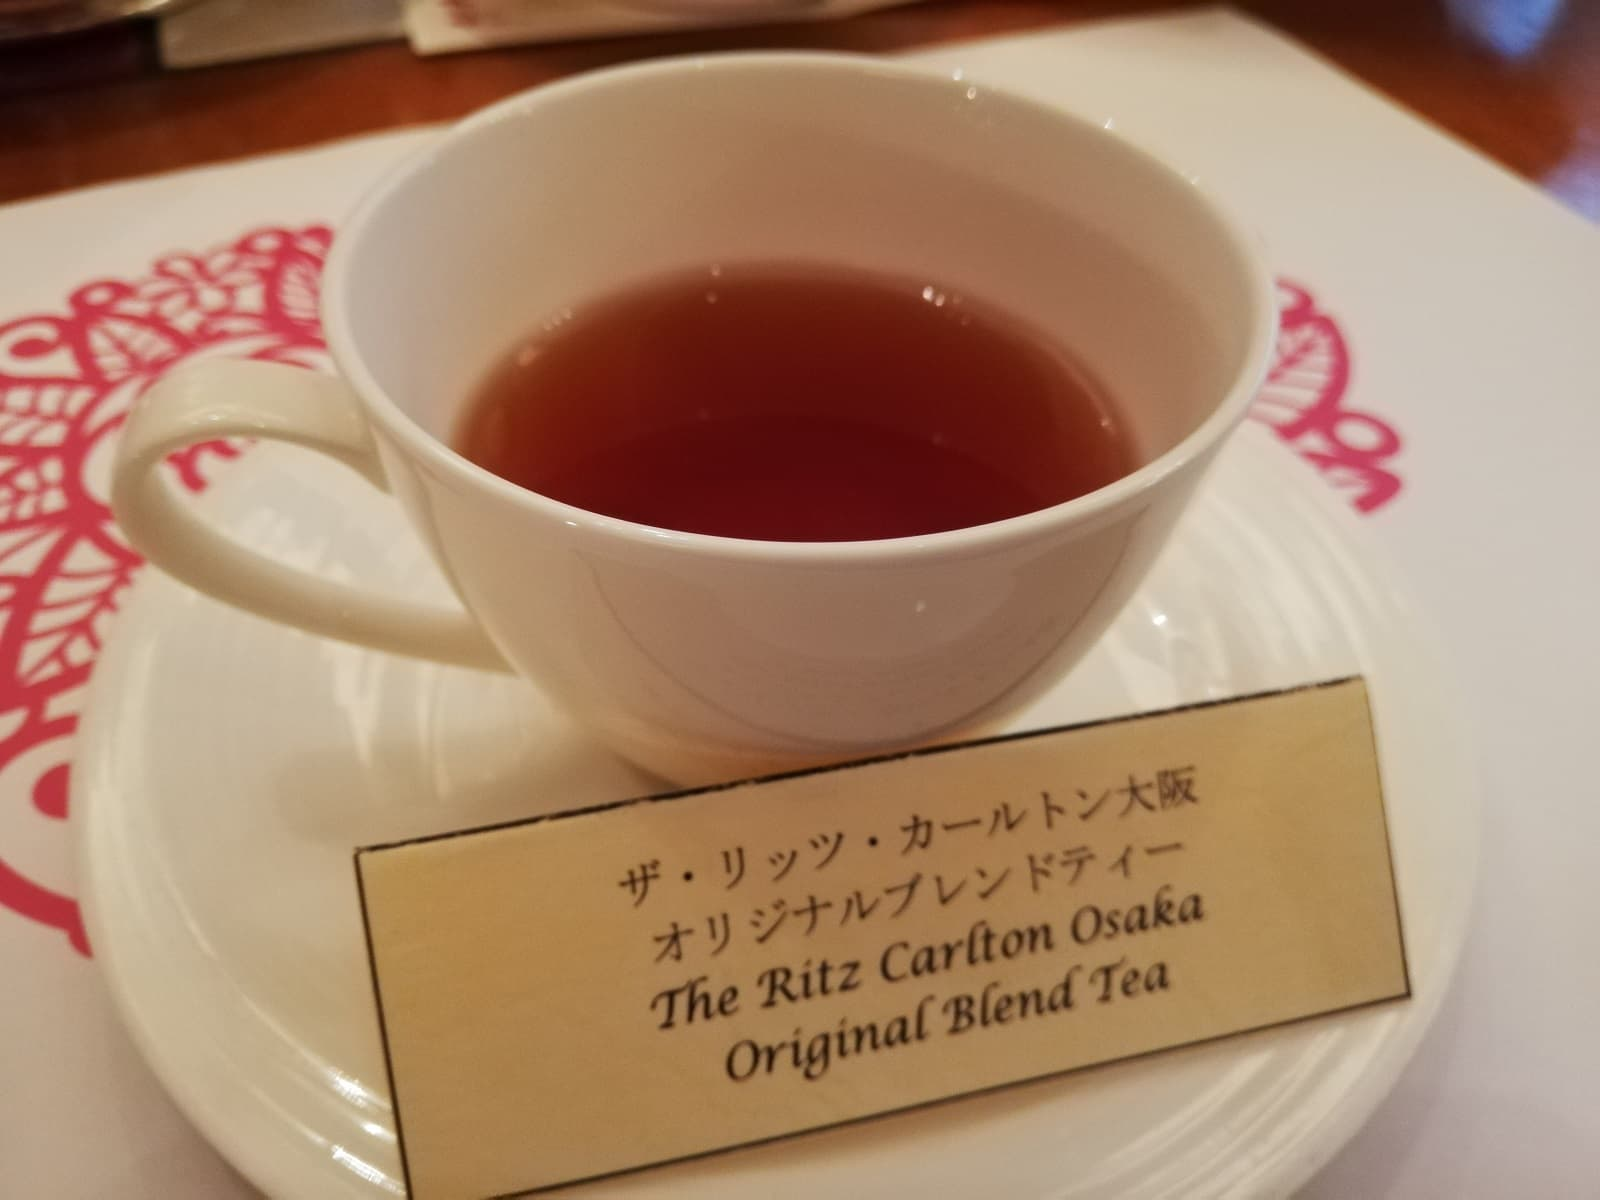 ザ・リッツ・カールトン大阪オリジナルブレンドティー